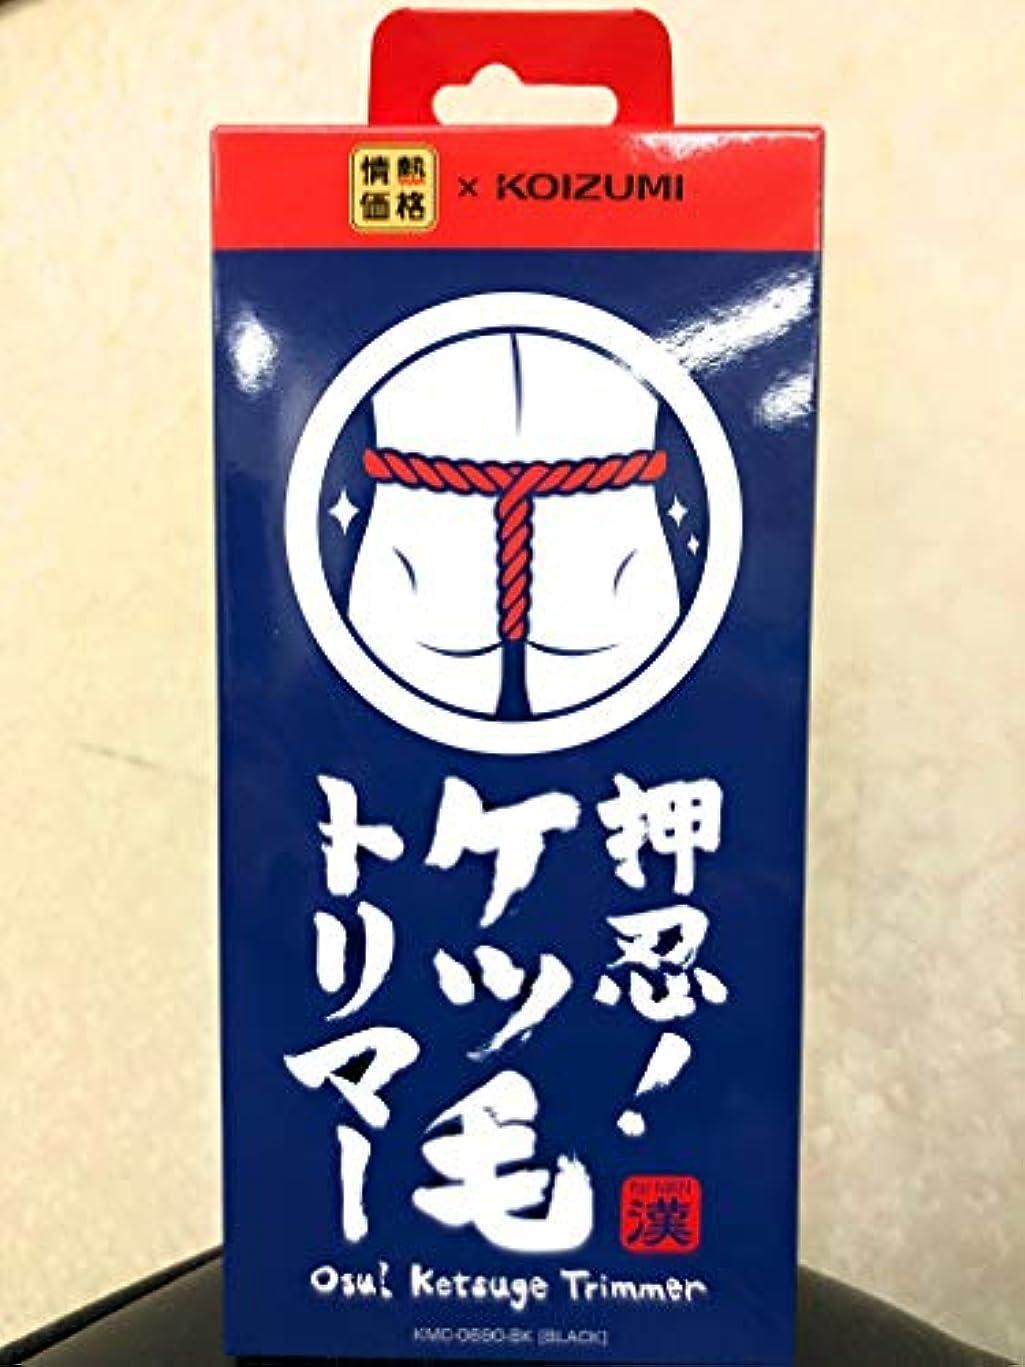 腐敗した関連付けるいたずらなKOIZUMI 押忍!ケツ毛トリマー LEDライト搭載 KMC-0690-BK for MEN